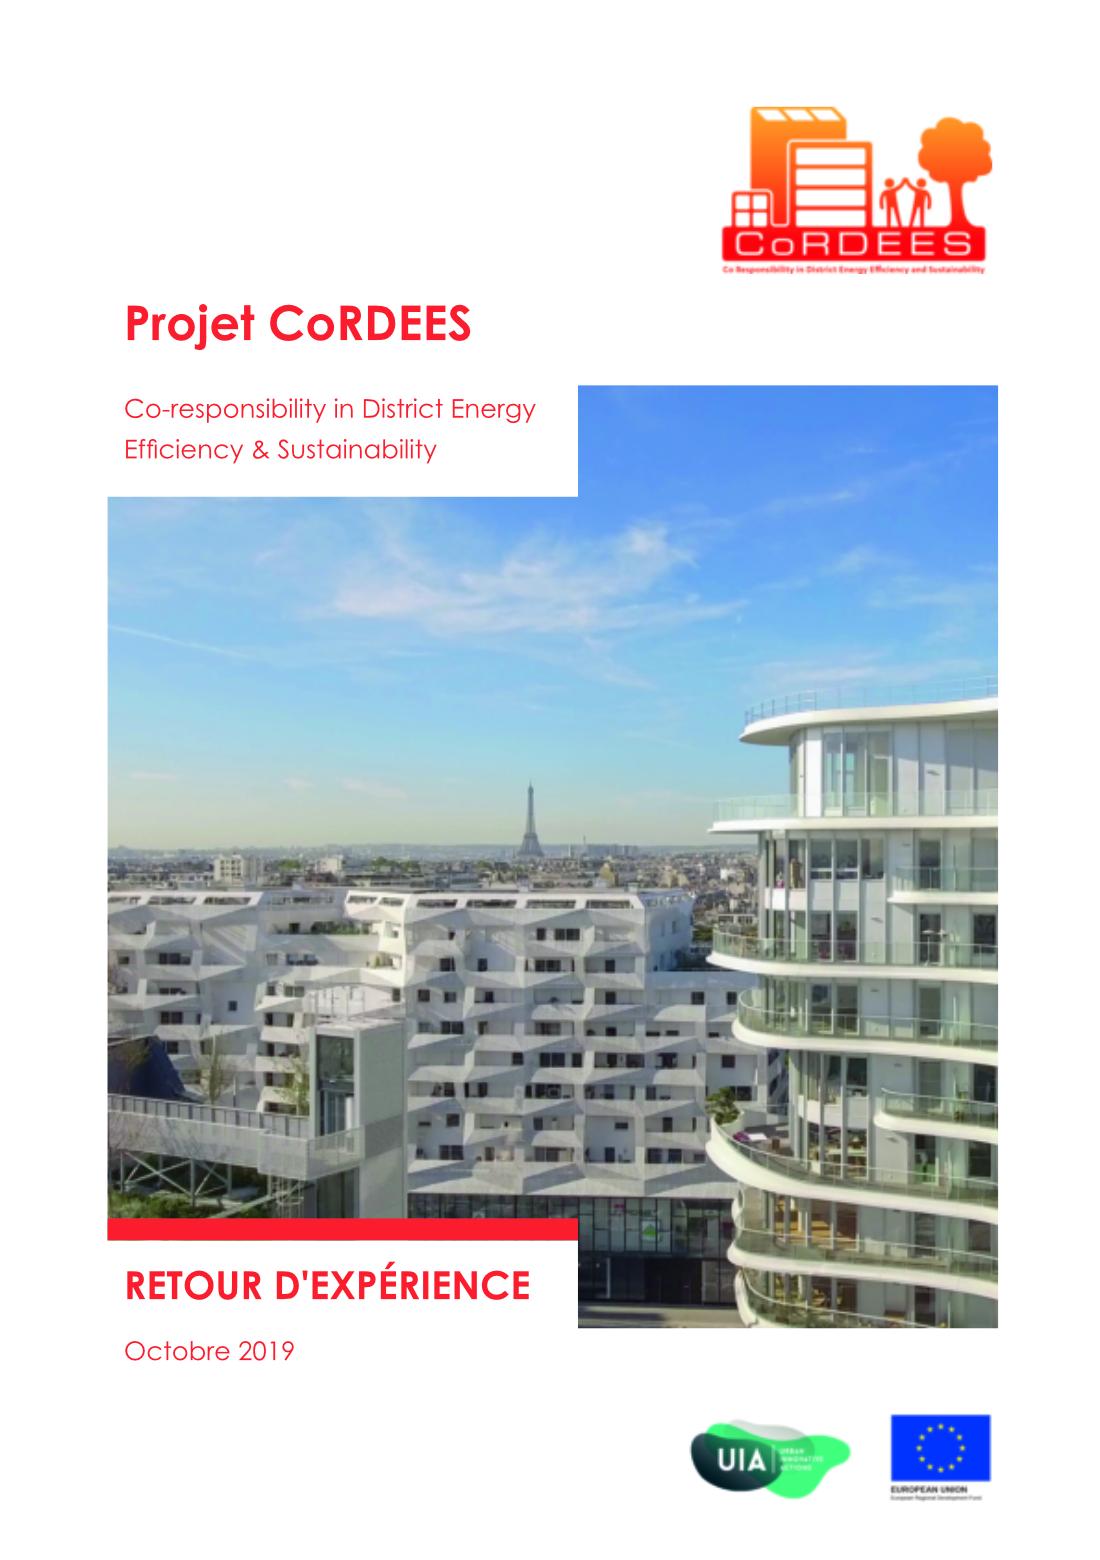 Retour d'expérience du projet CoRDEES